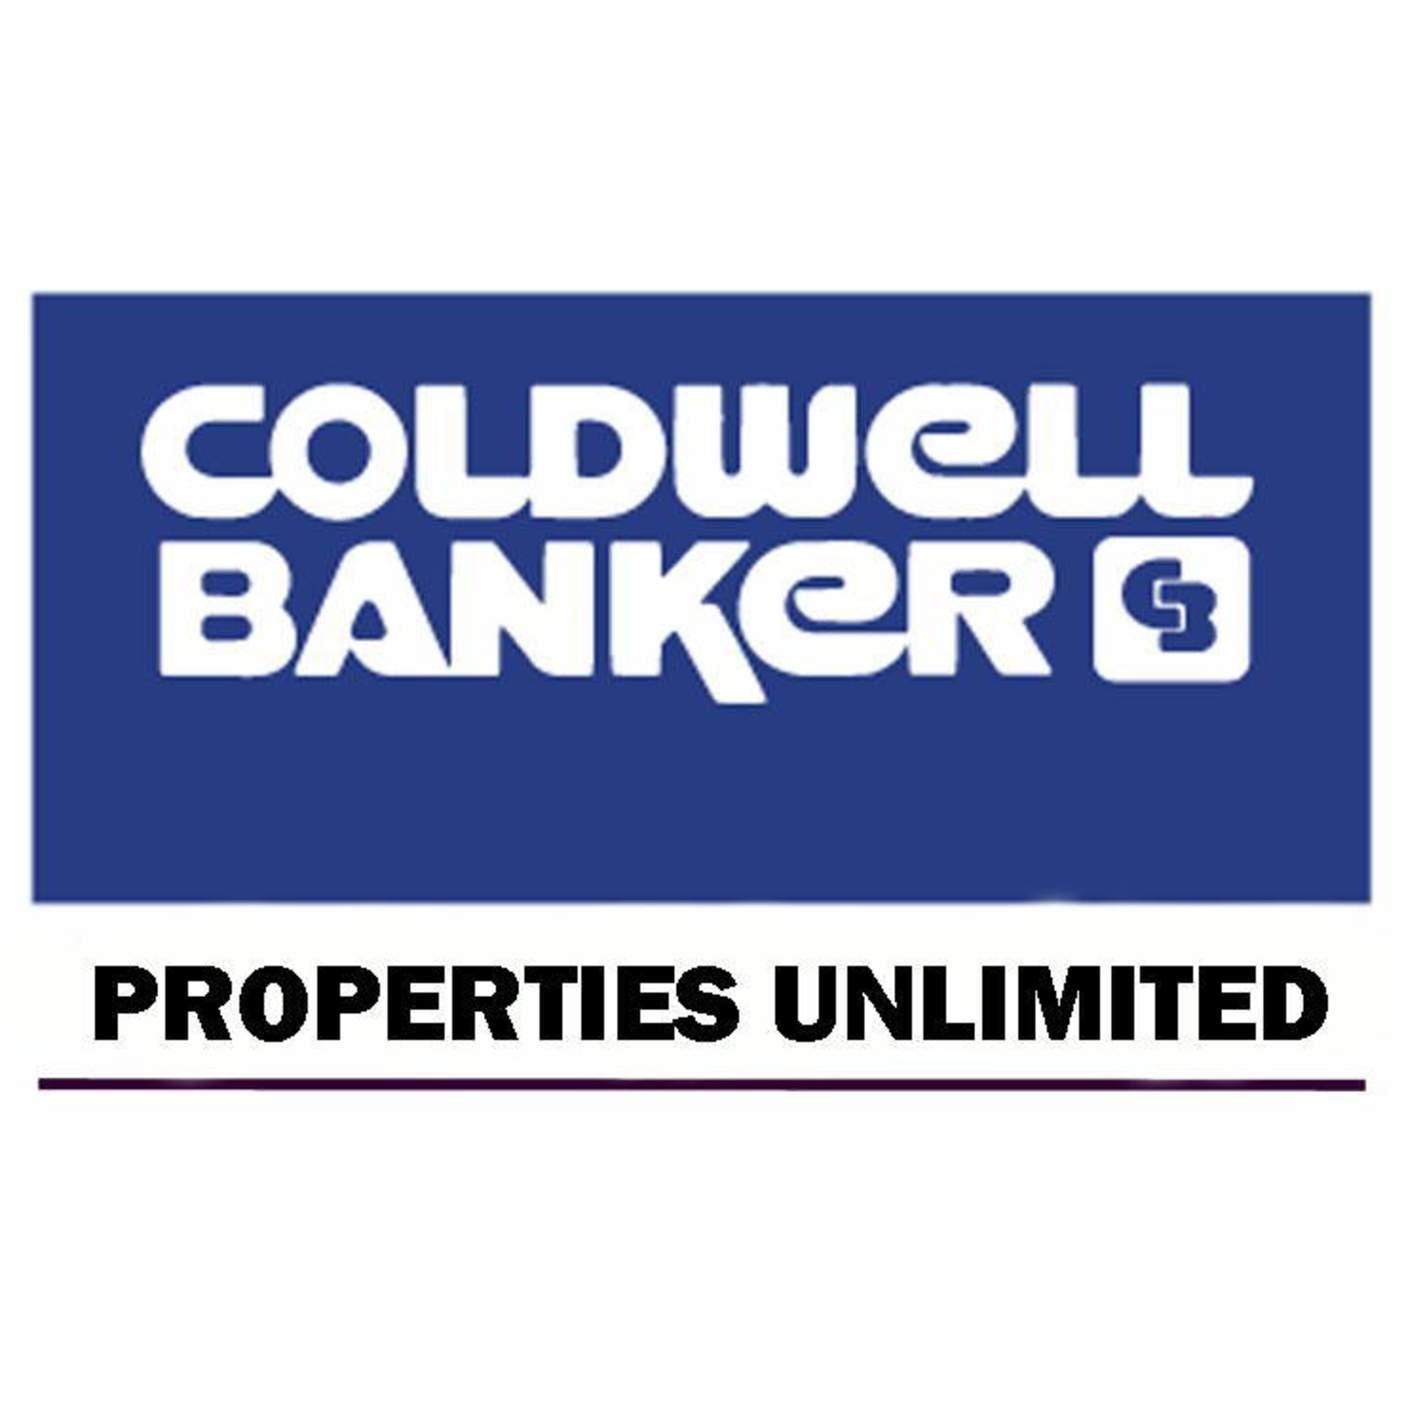 Yvette Kirkland | Coldwell Banker Properties Unlimited